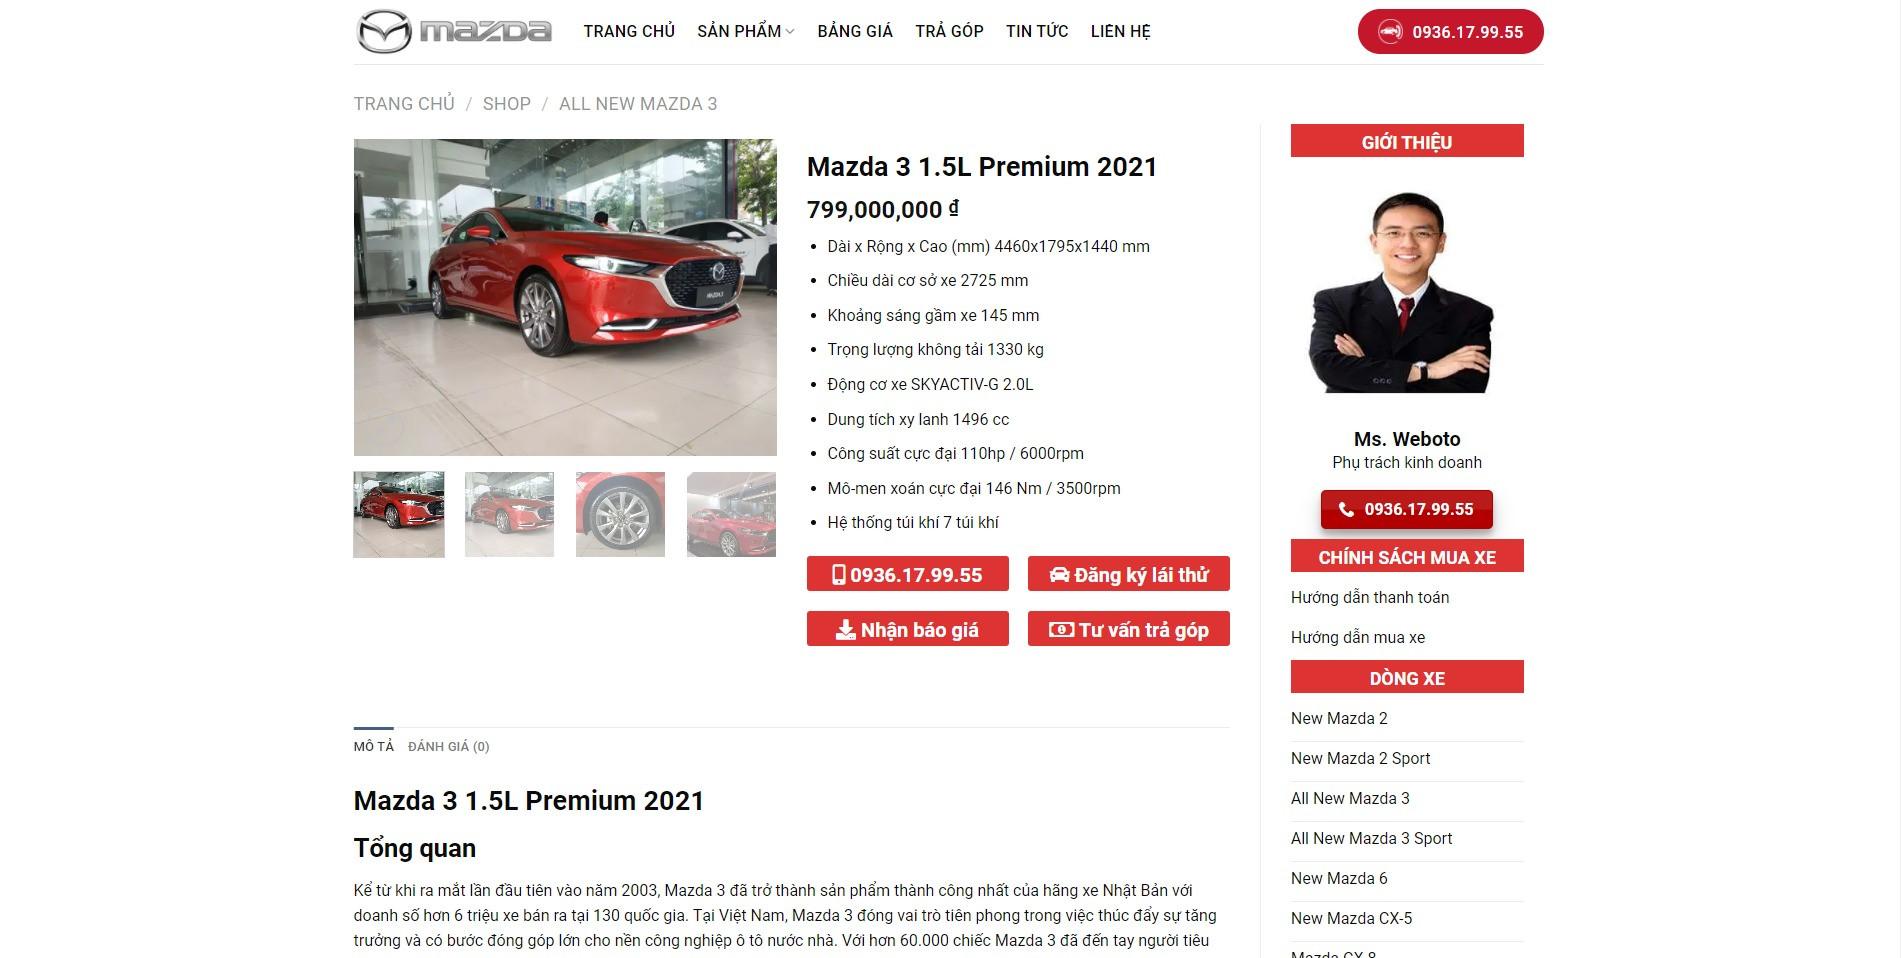 Trang chi tiết sản phẩm Mazda 3 của Website ô tô Mazda